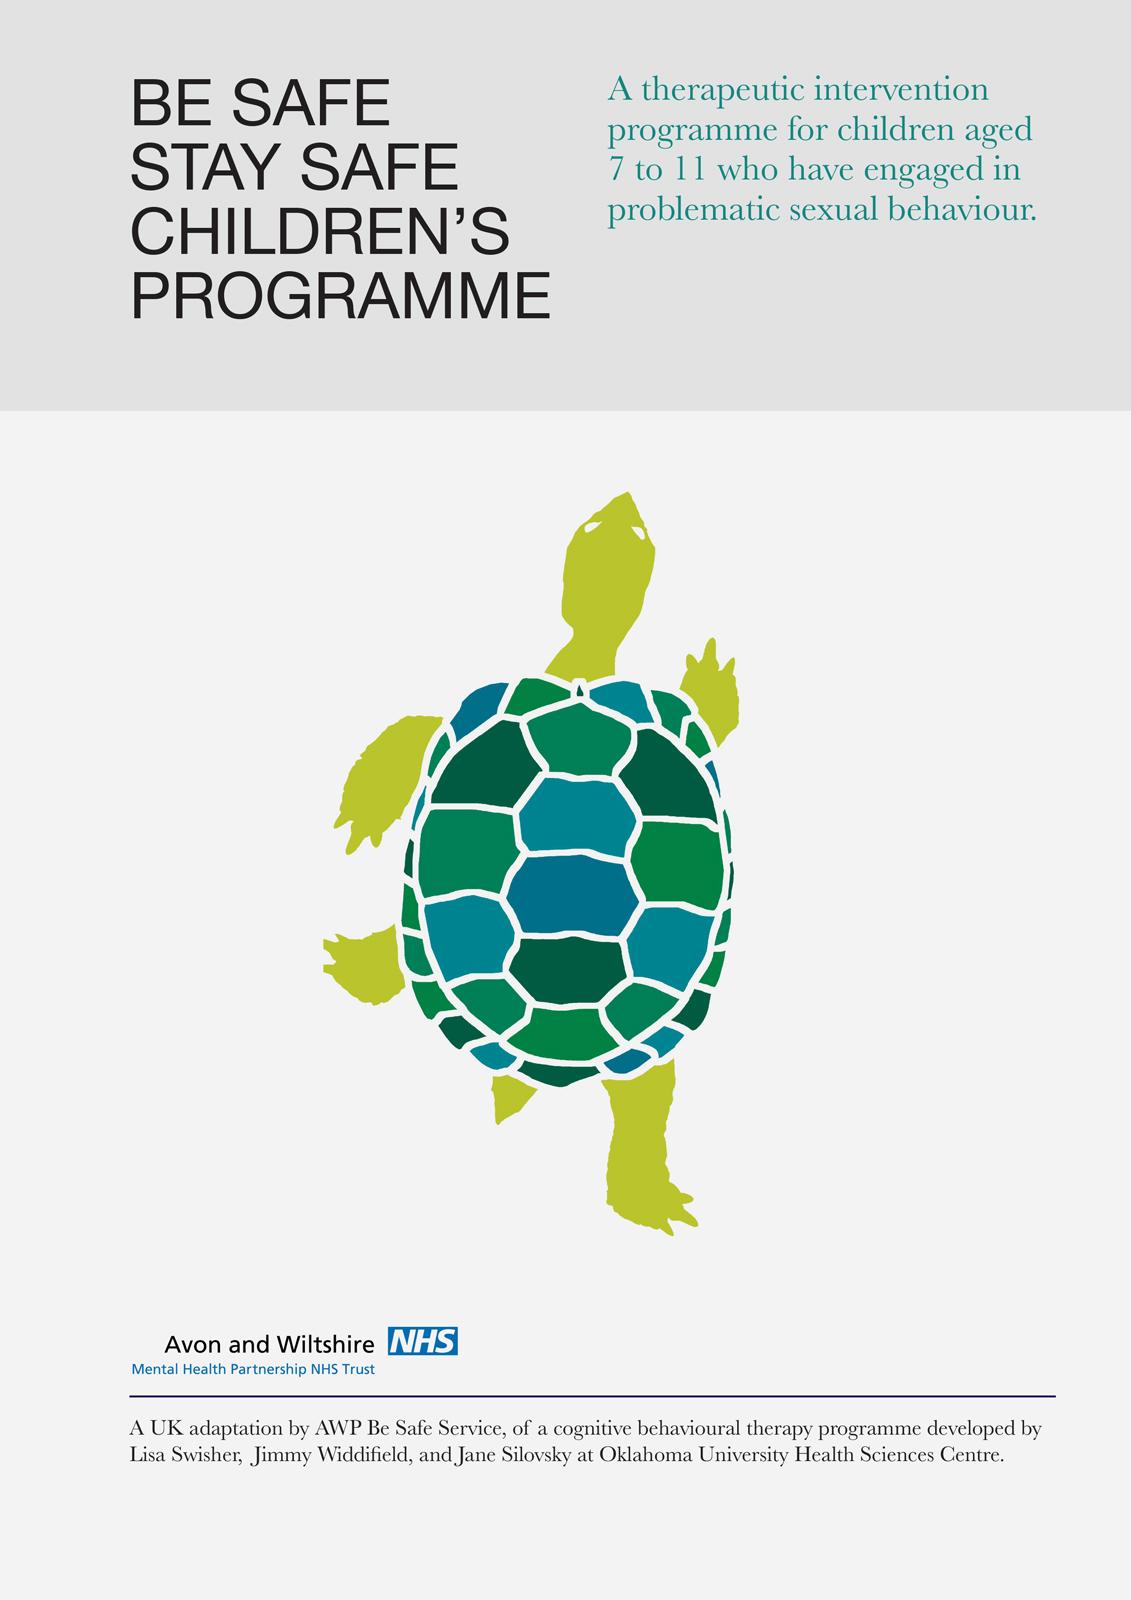 joemagee-NHS-BeSafeManual-Cover.jpg